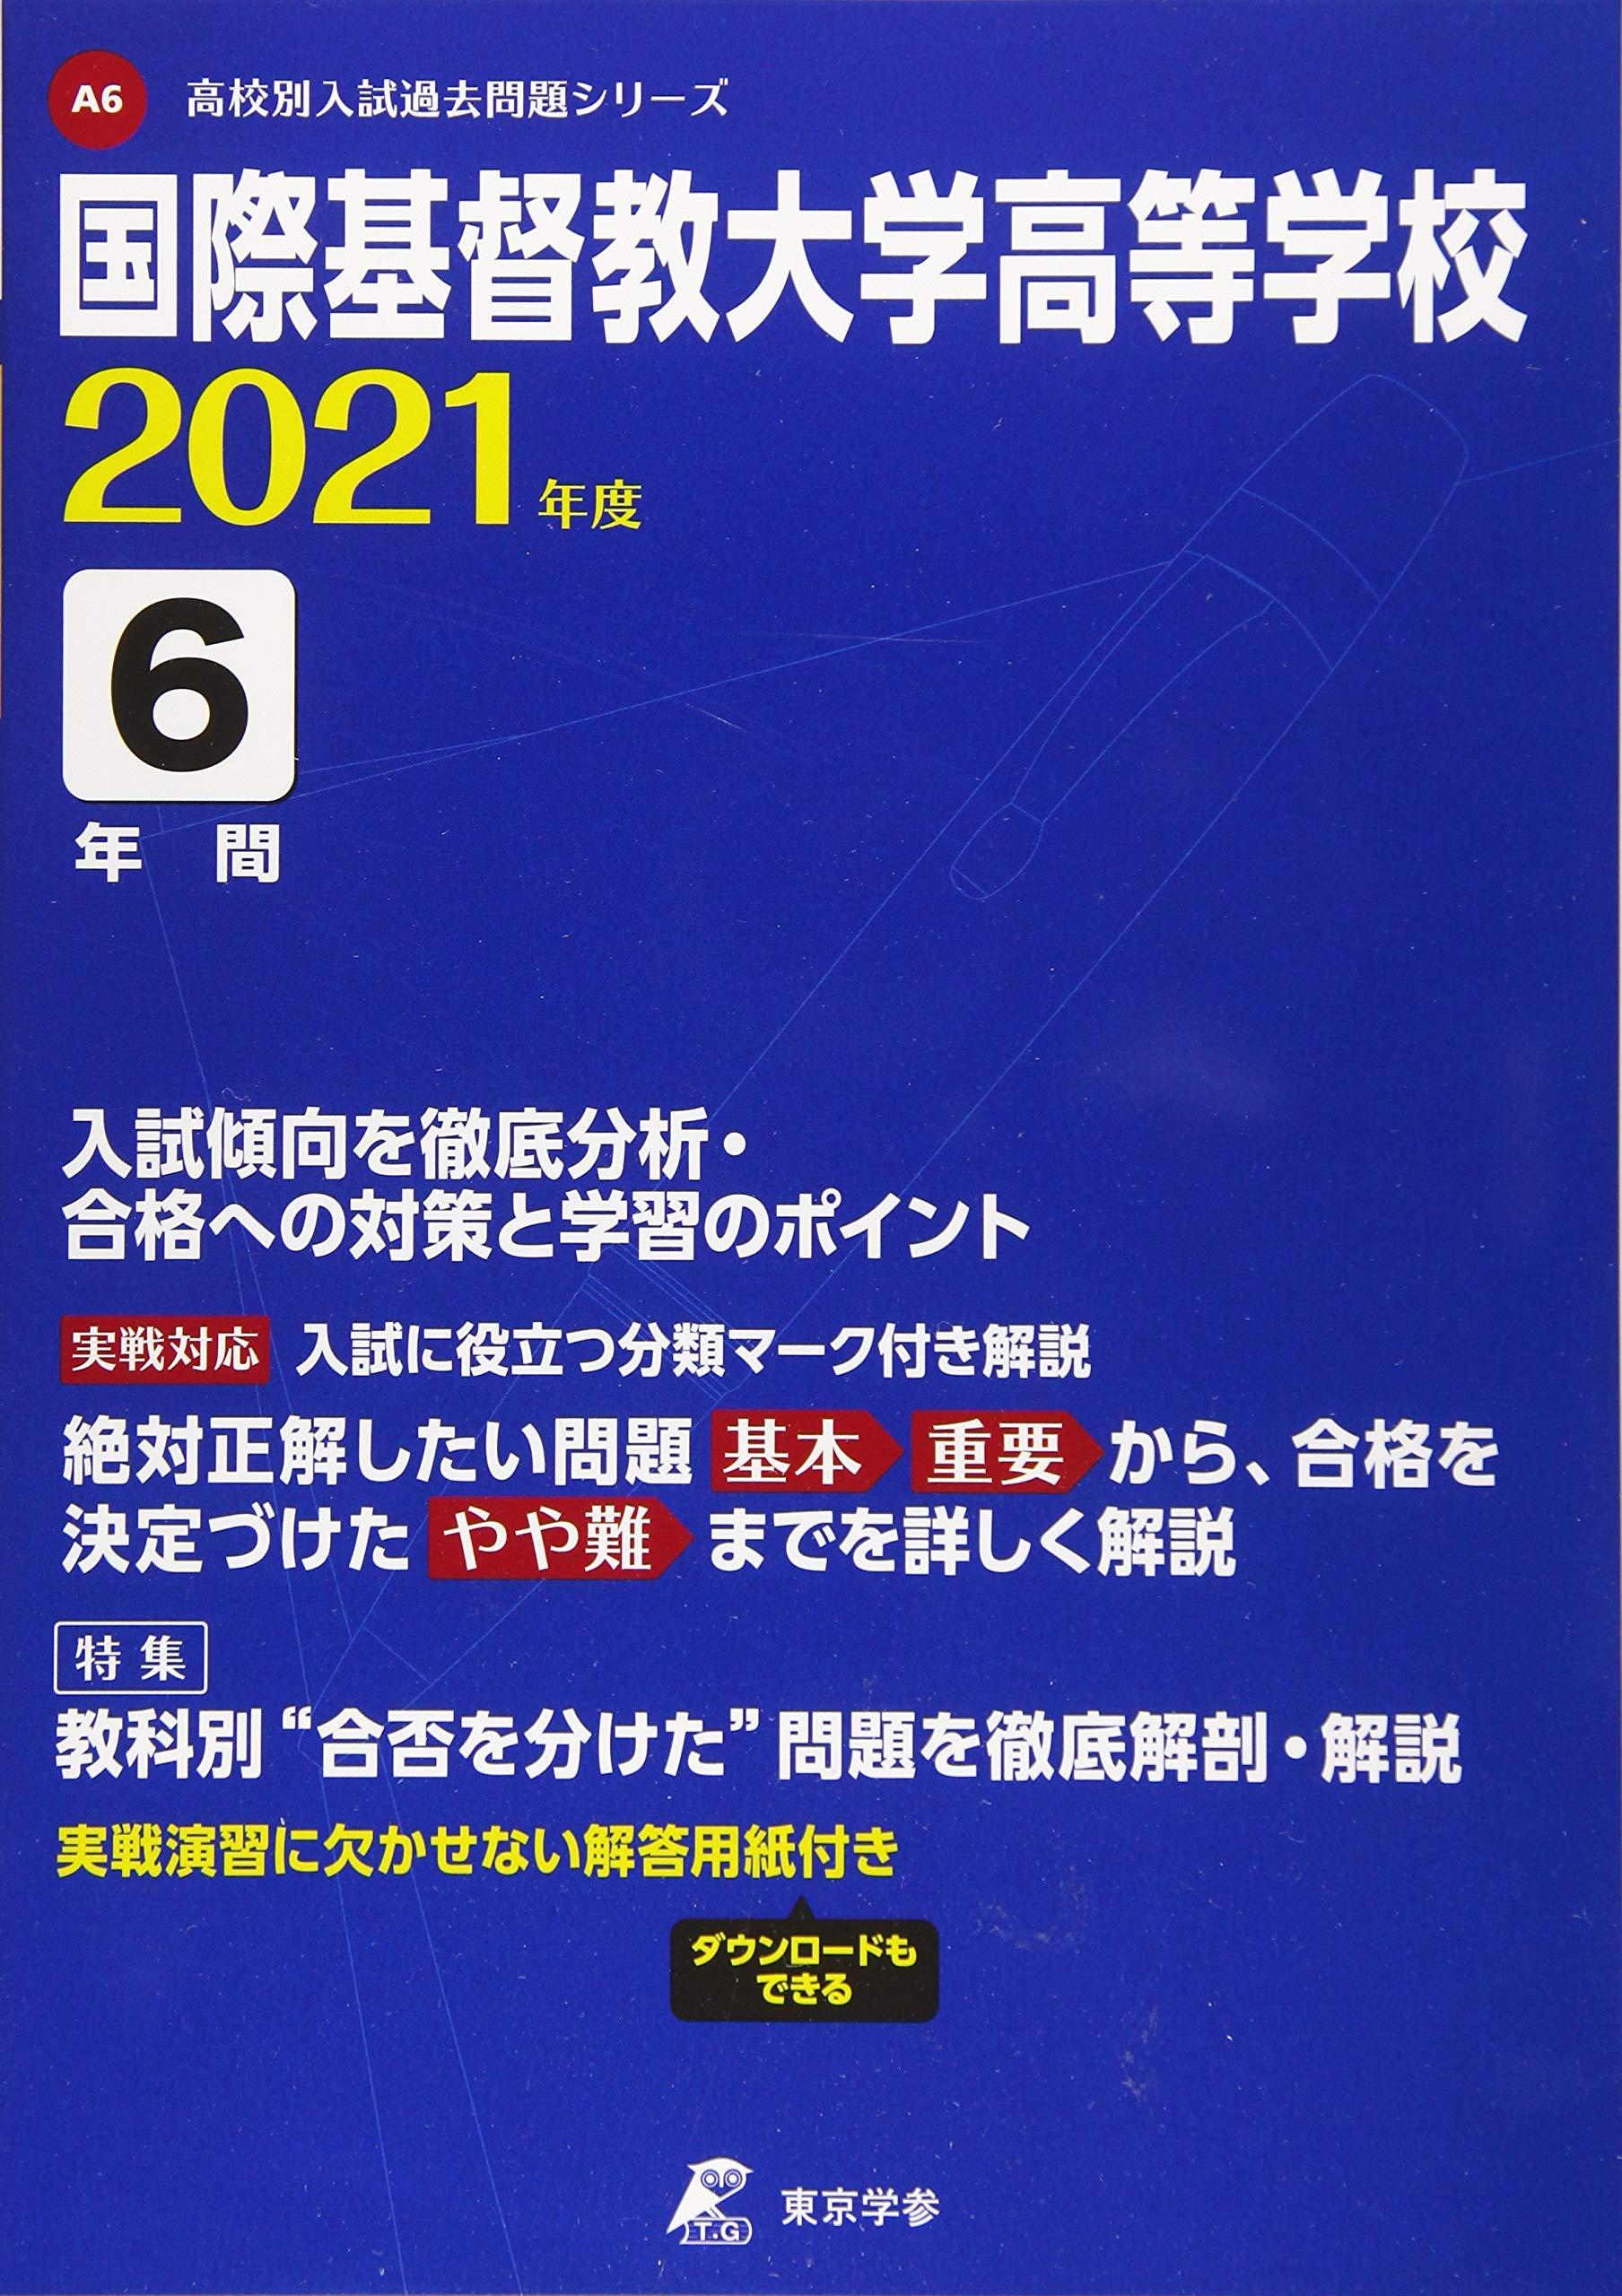 A06_2021(Back_Number)